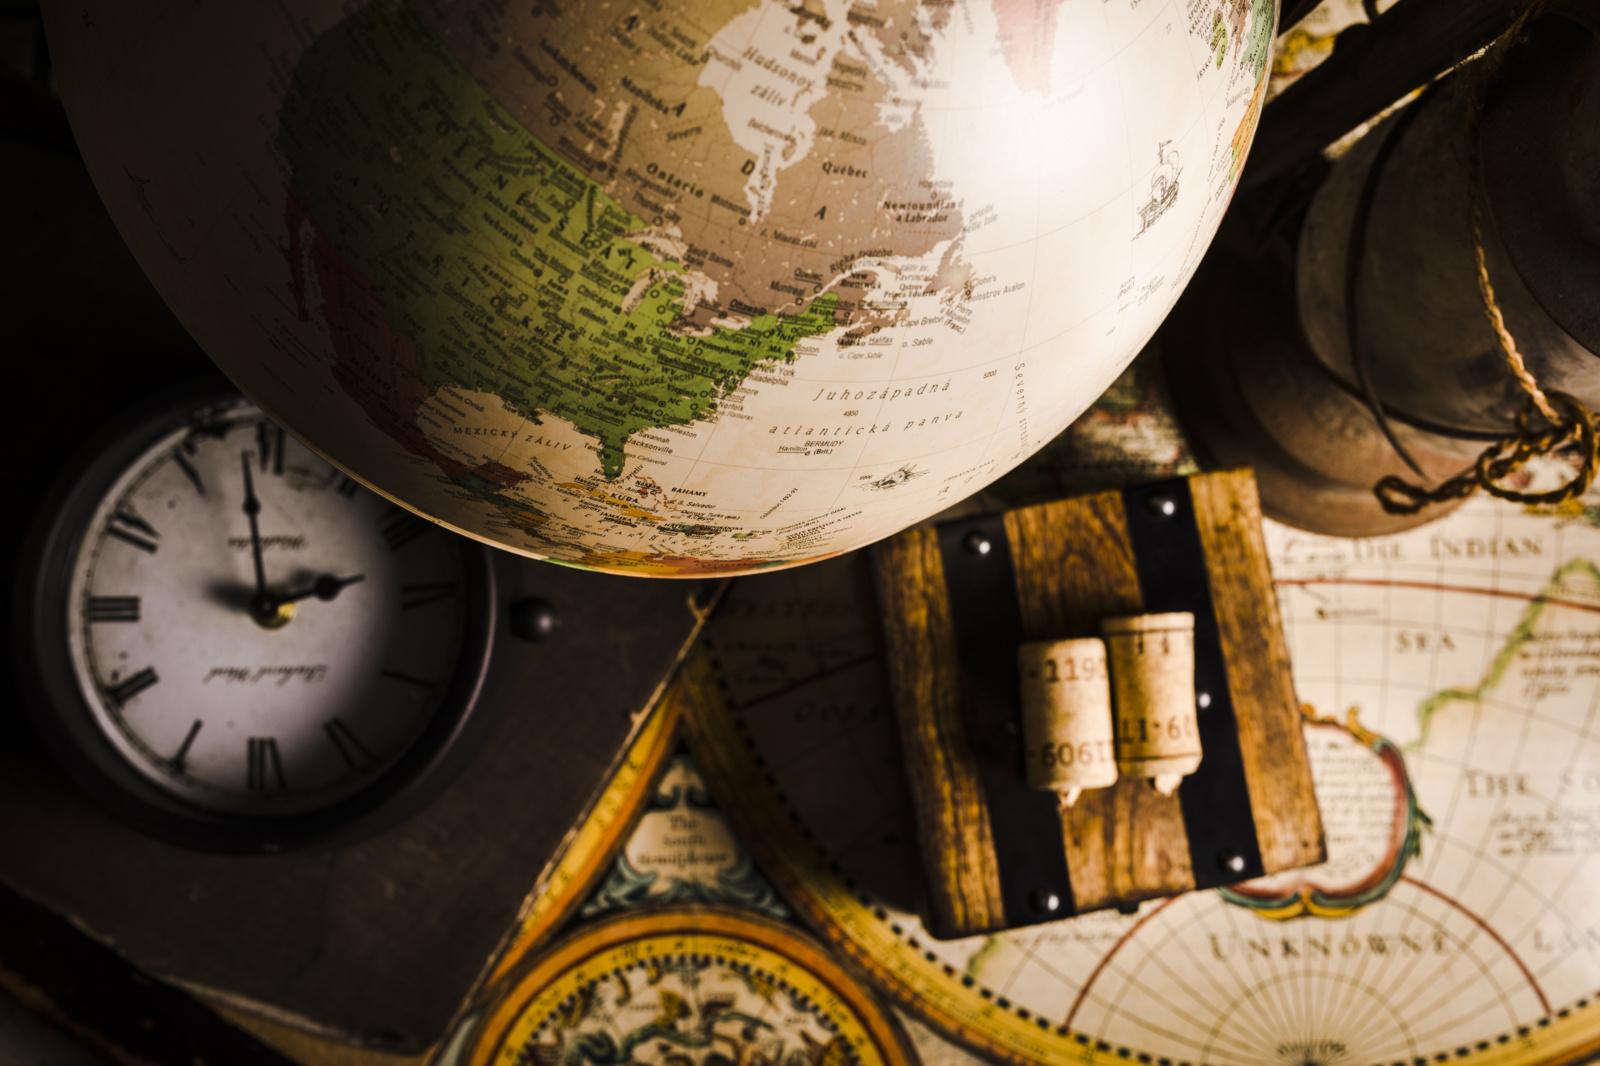 Gruodžio 12-oji: vardadieniai, astrologija